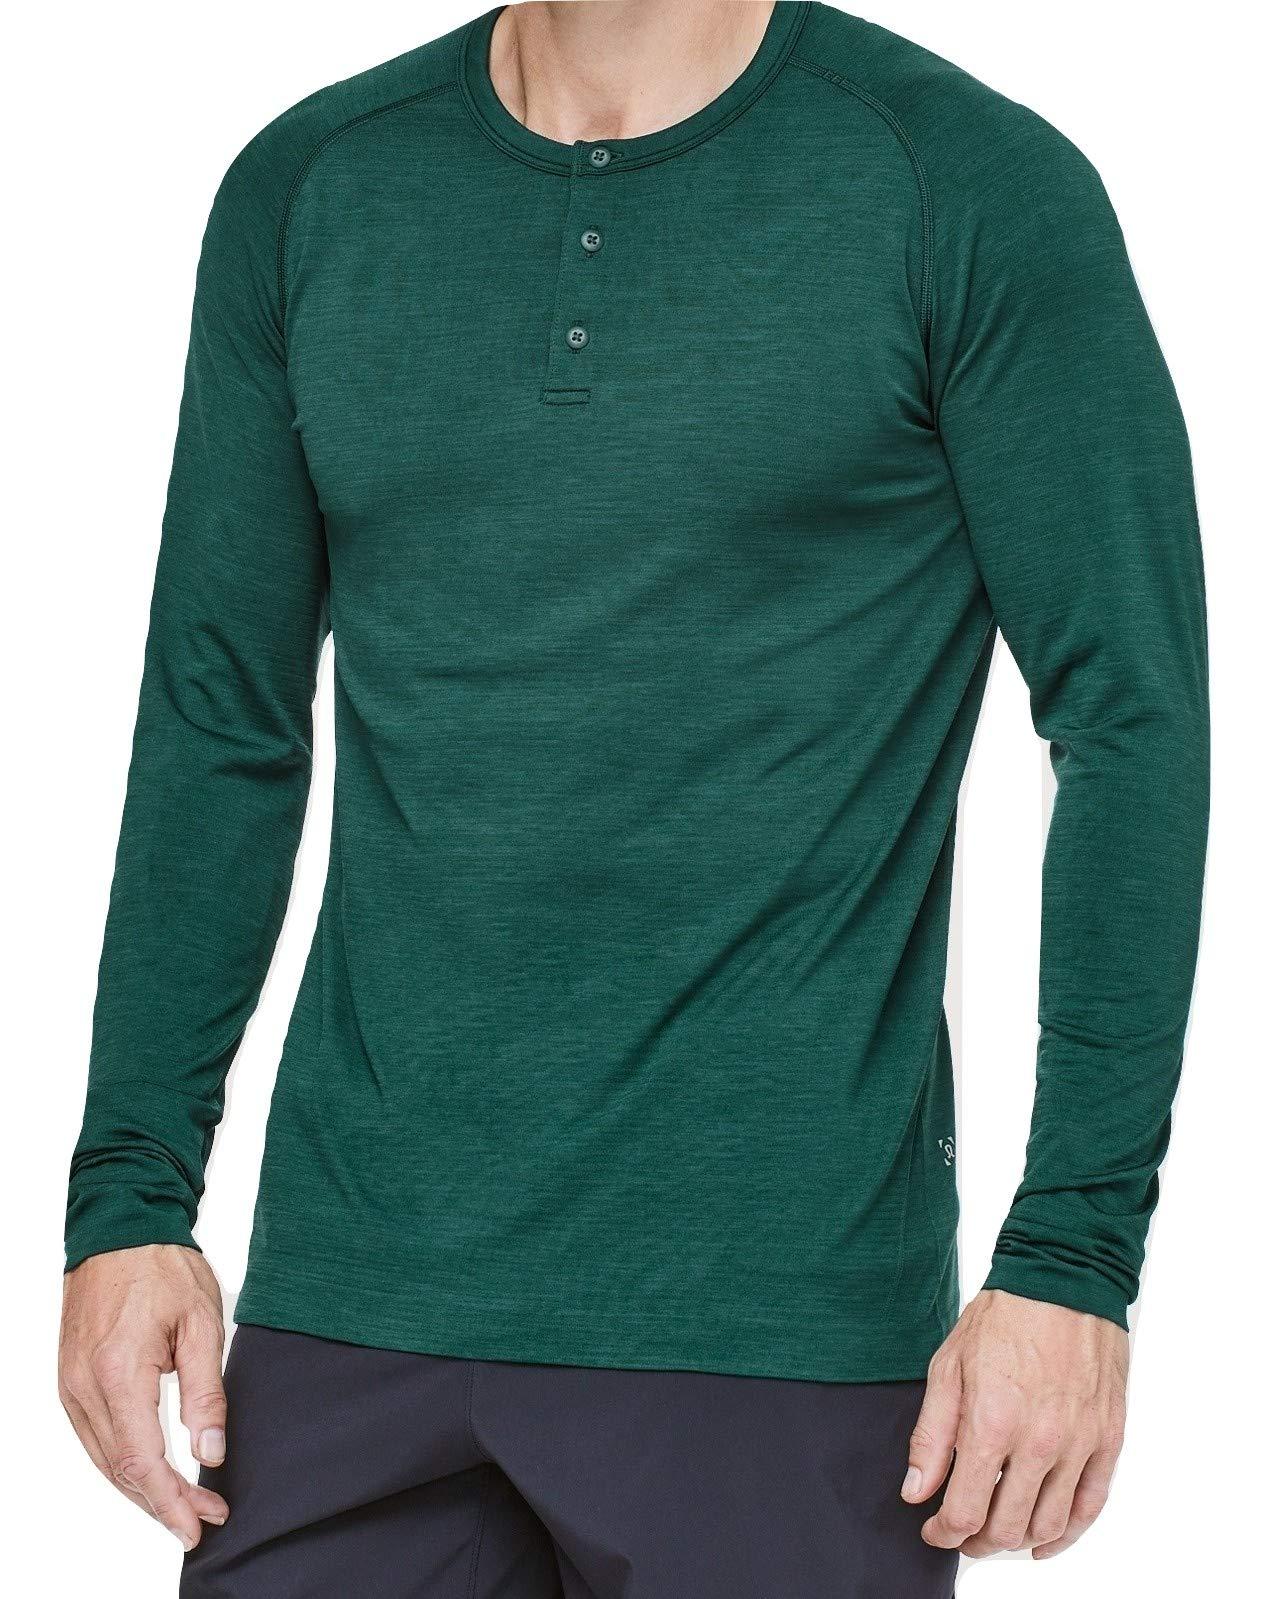 Lululemon Mens Metal Vent Tech Henley Long Sleeve Shirt (Royal Emerald, XXL)